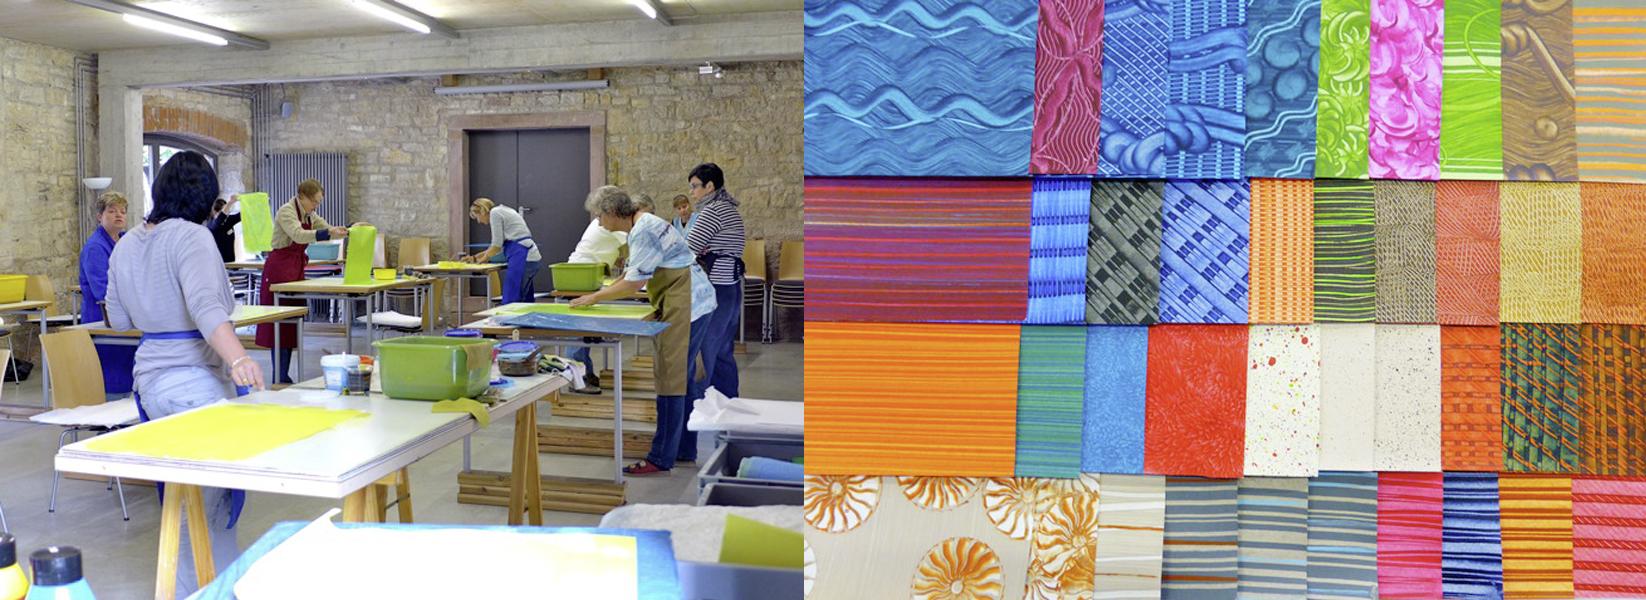 Papierscheune Homburg Buntpapierwerkstatt